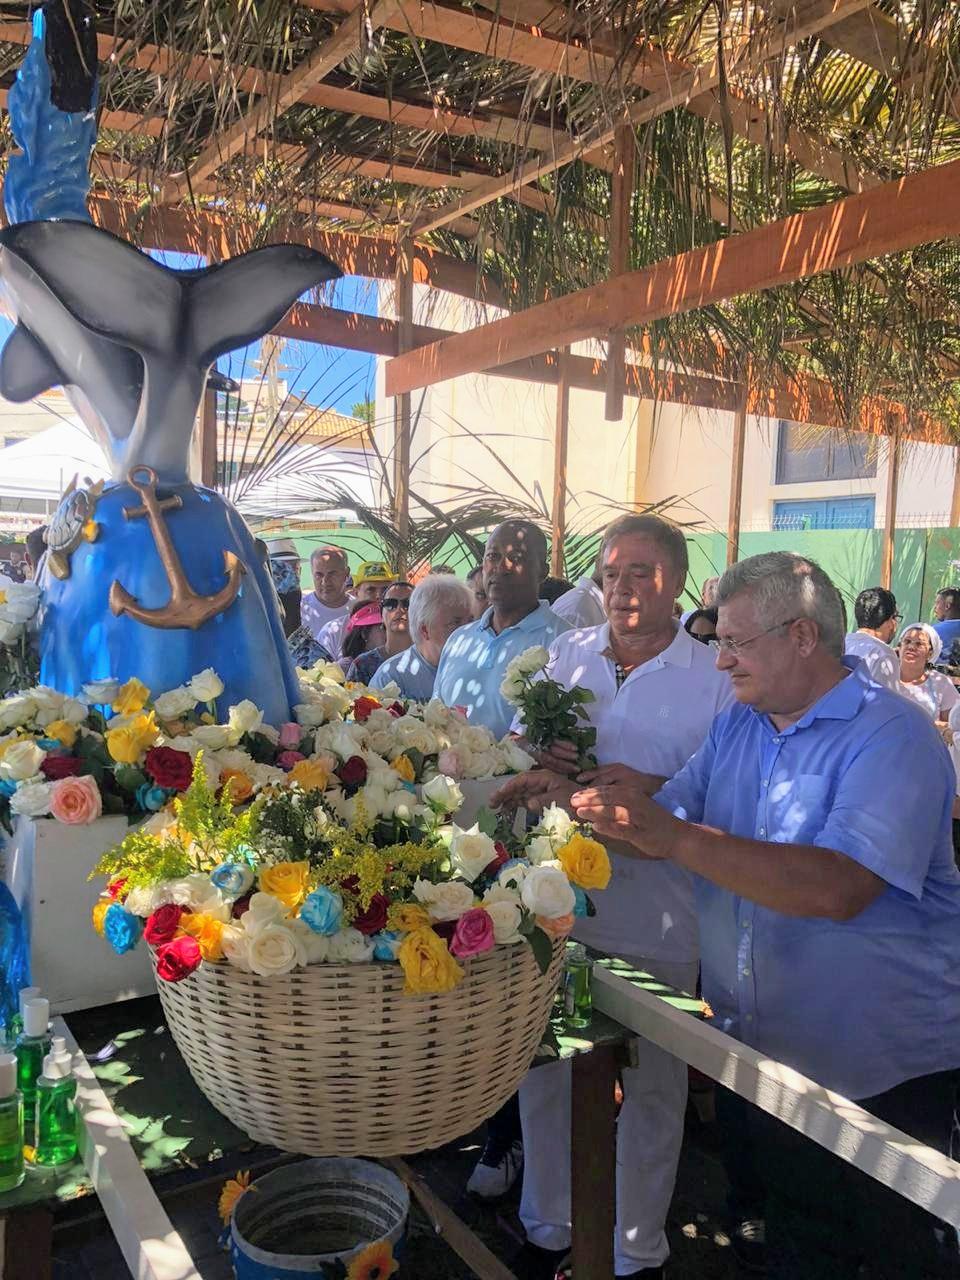 Festa de Iemanjá: Bacelar celebra com Álvaro Dias e defende melhorias no Rio Vermelho